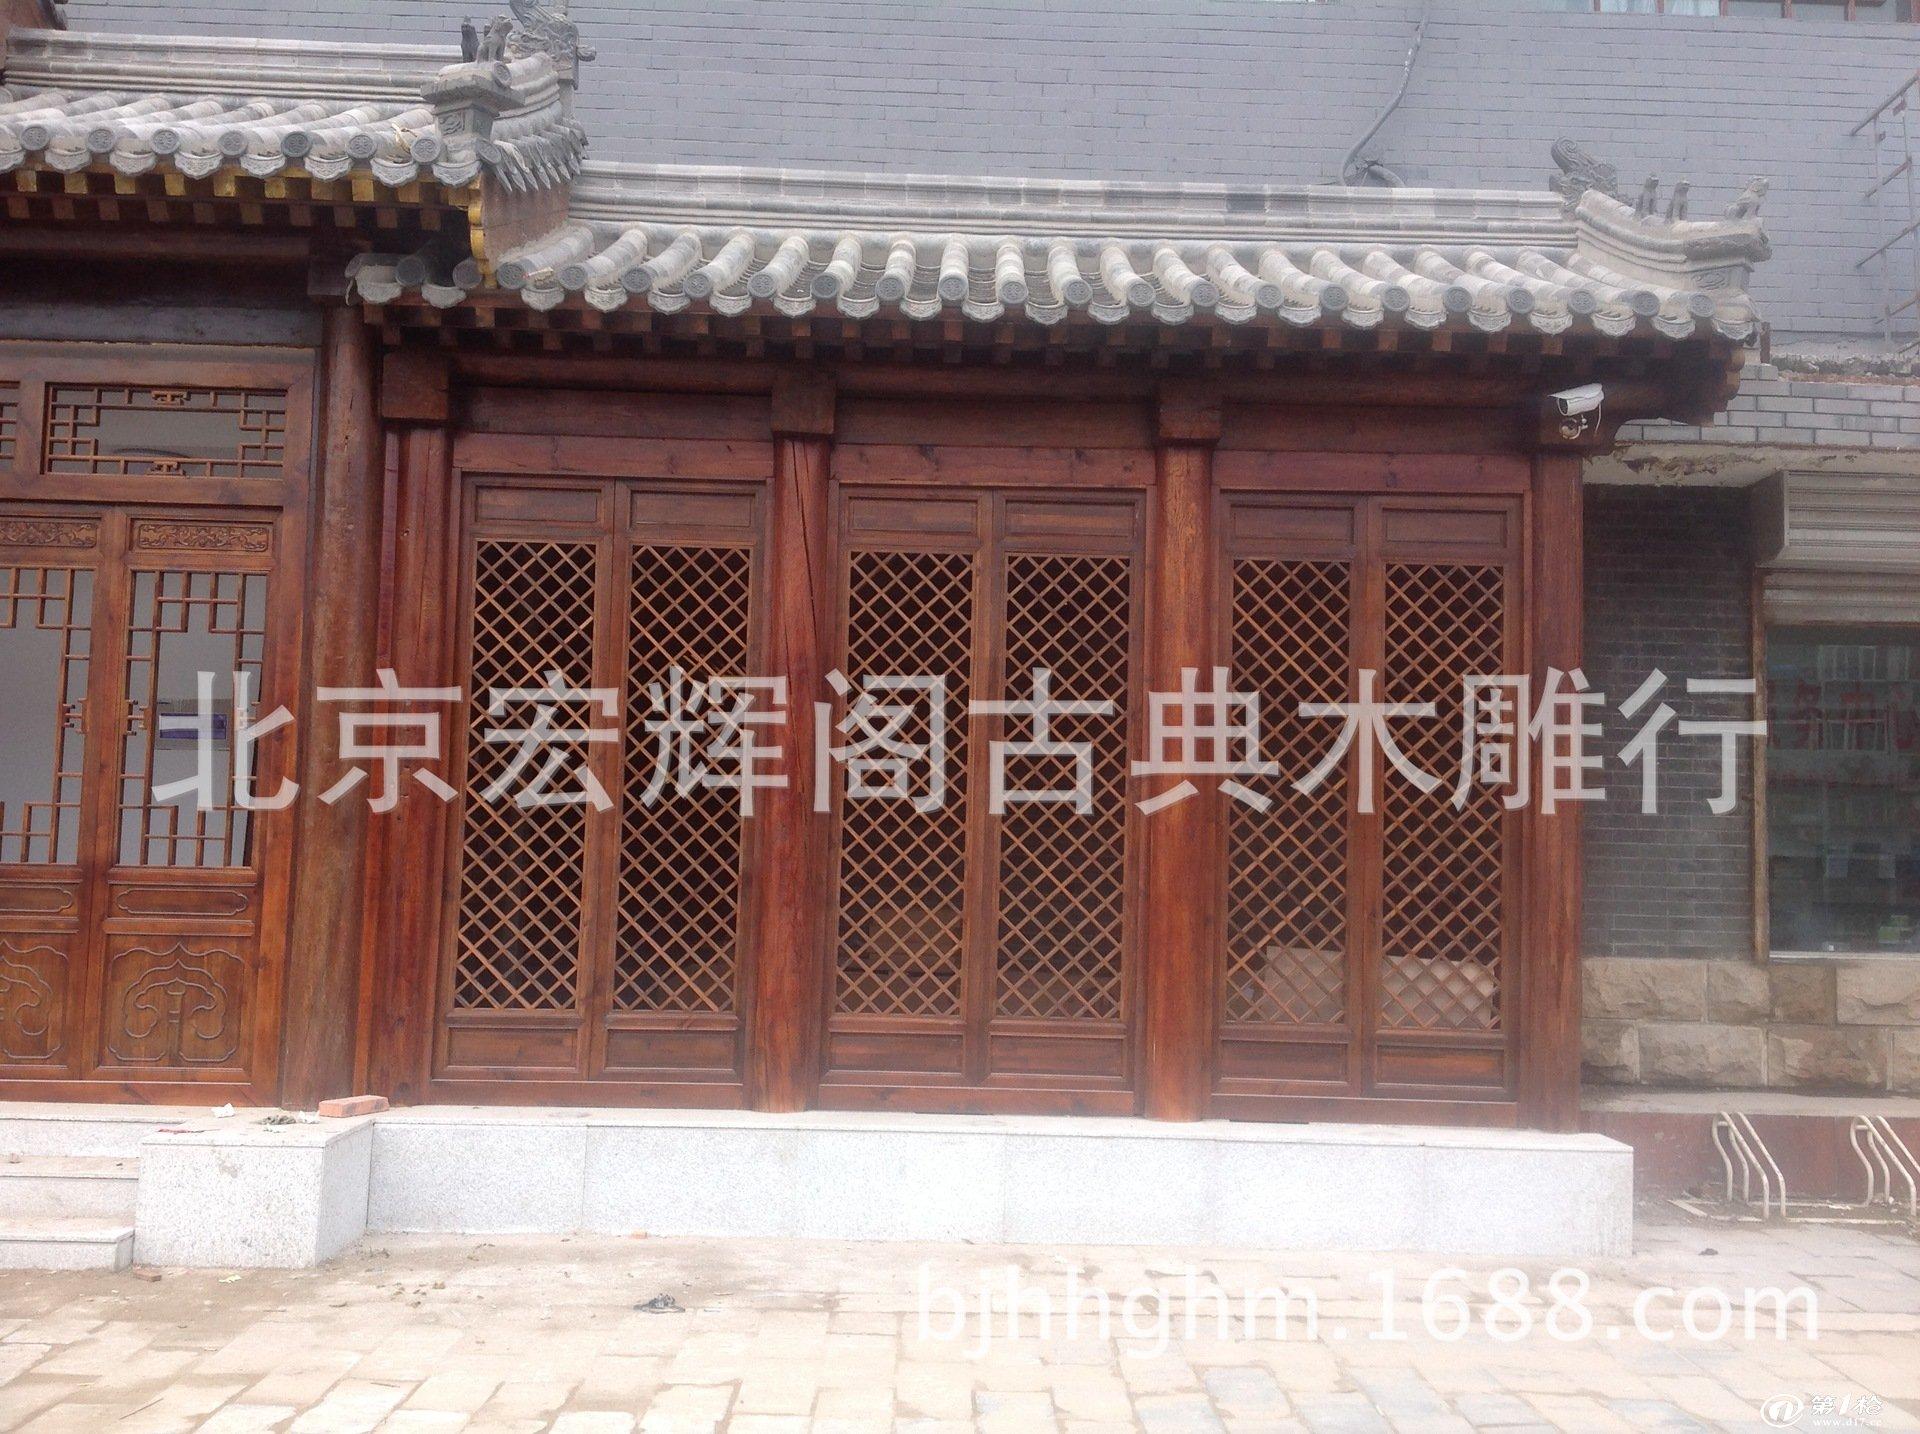 古建门楼 酒店门脸门楼 仿古门楼订做 中式装修 北京古建筑制作厂图片